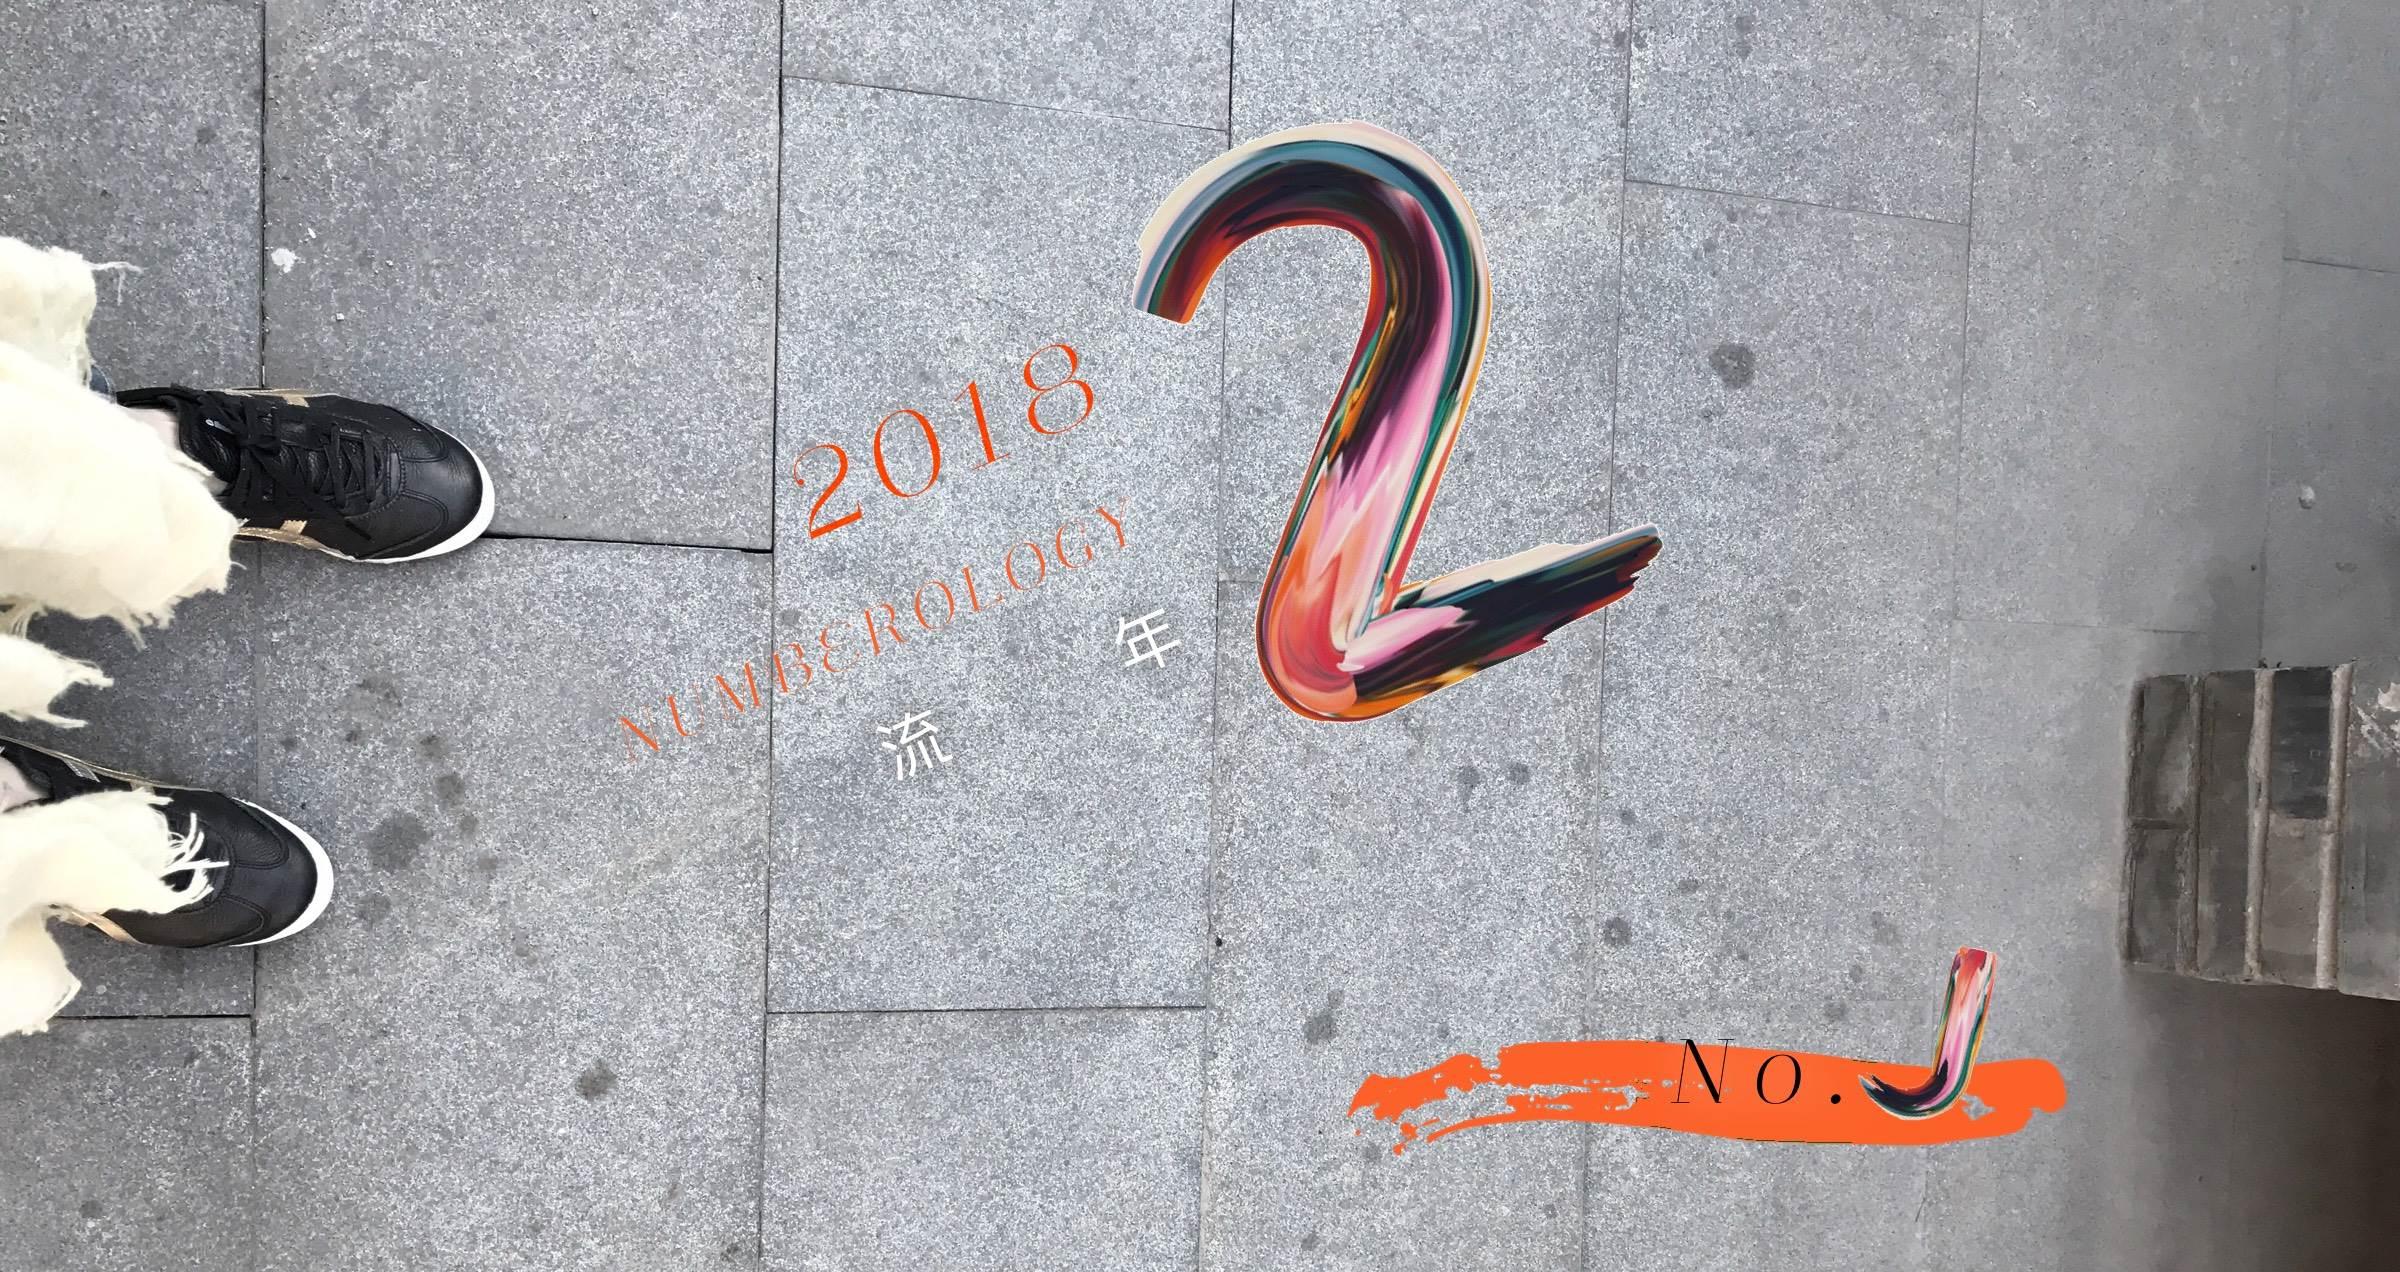 No. J〈靈數運勢〉2017流年【2】:相伴相知相惜,互相為樂